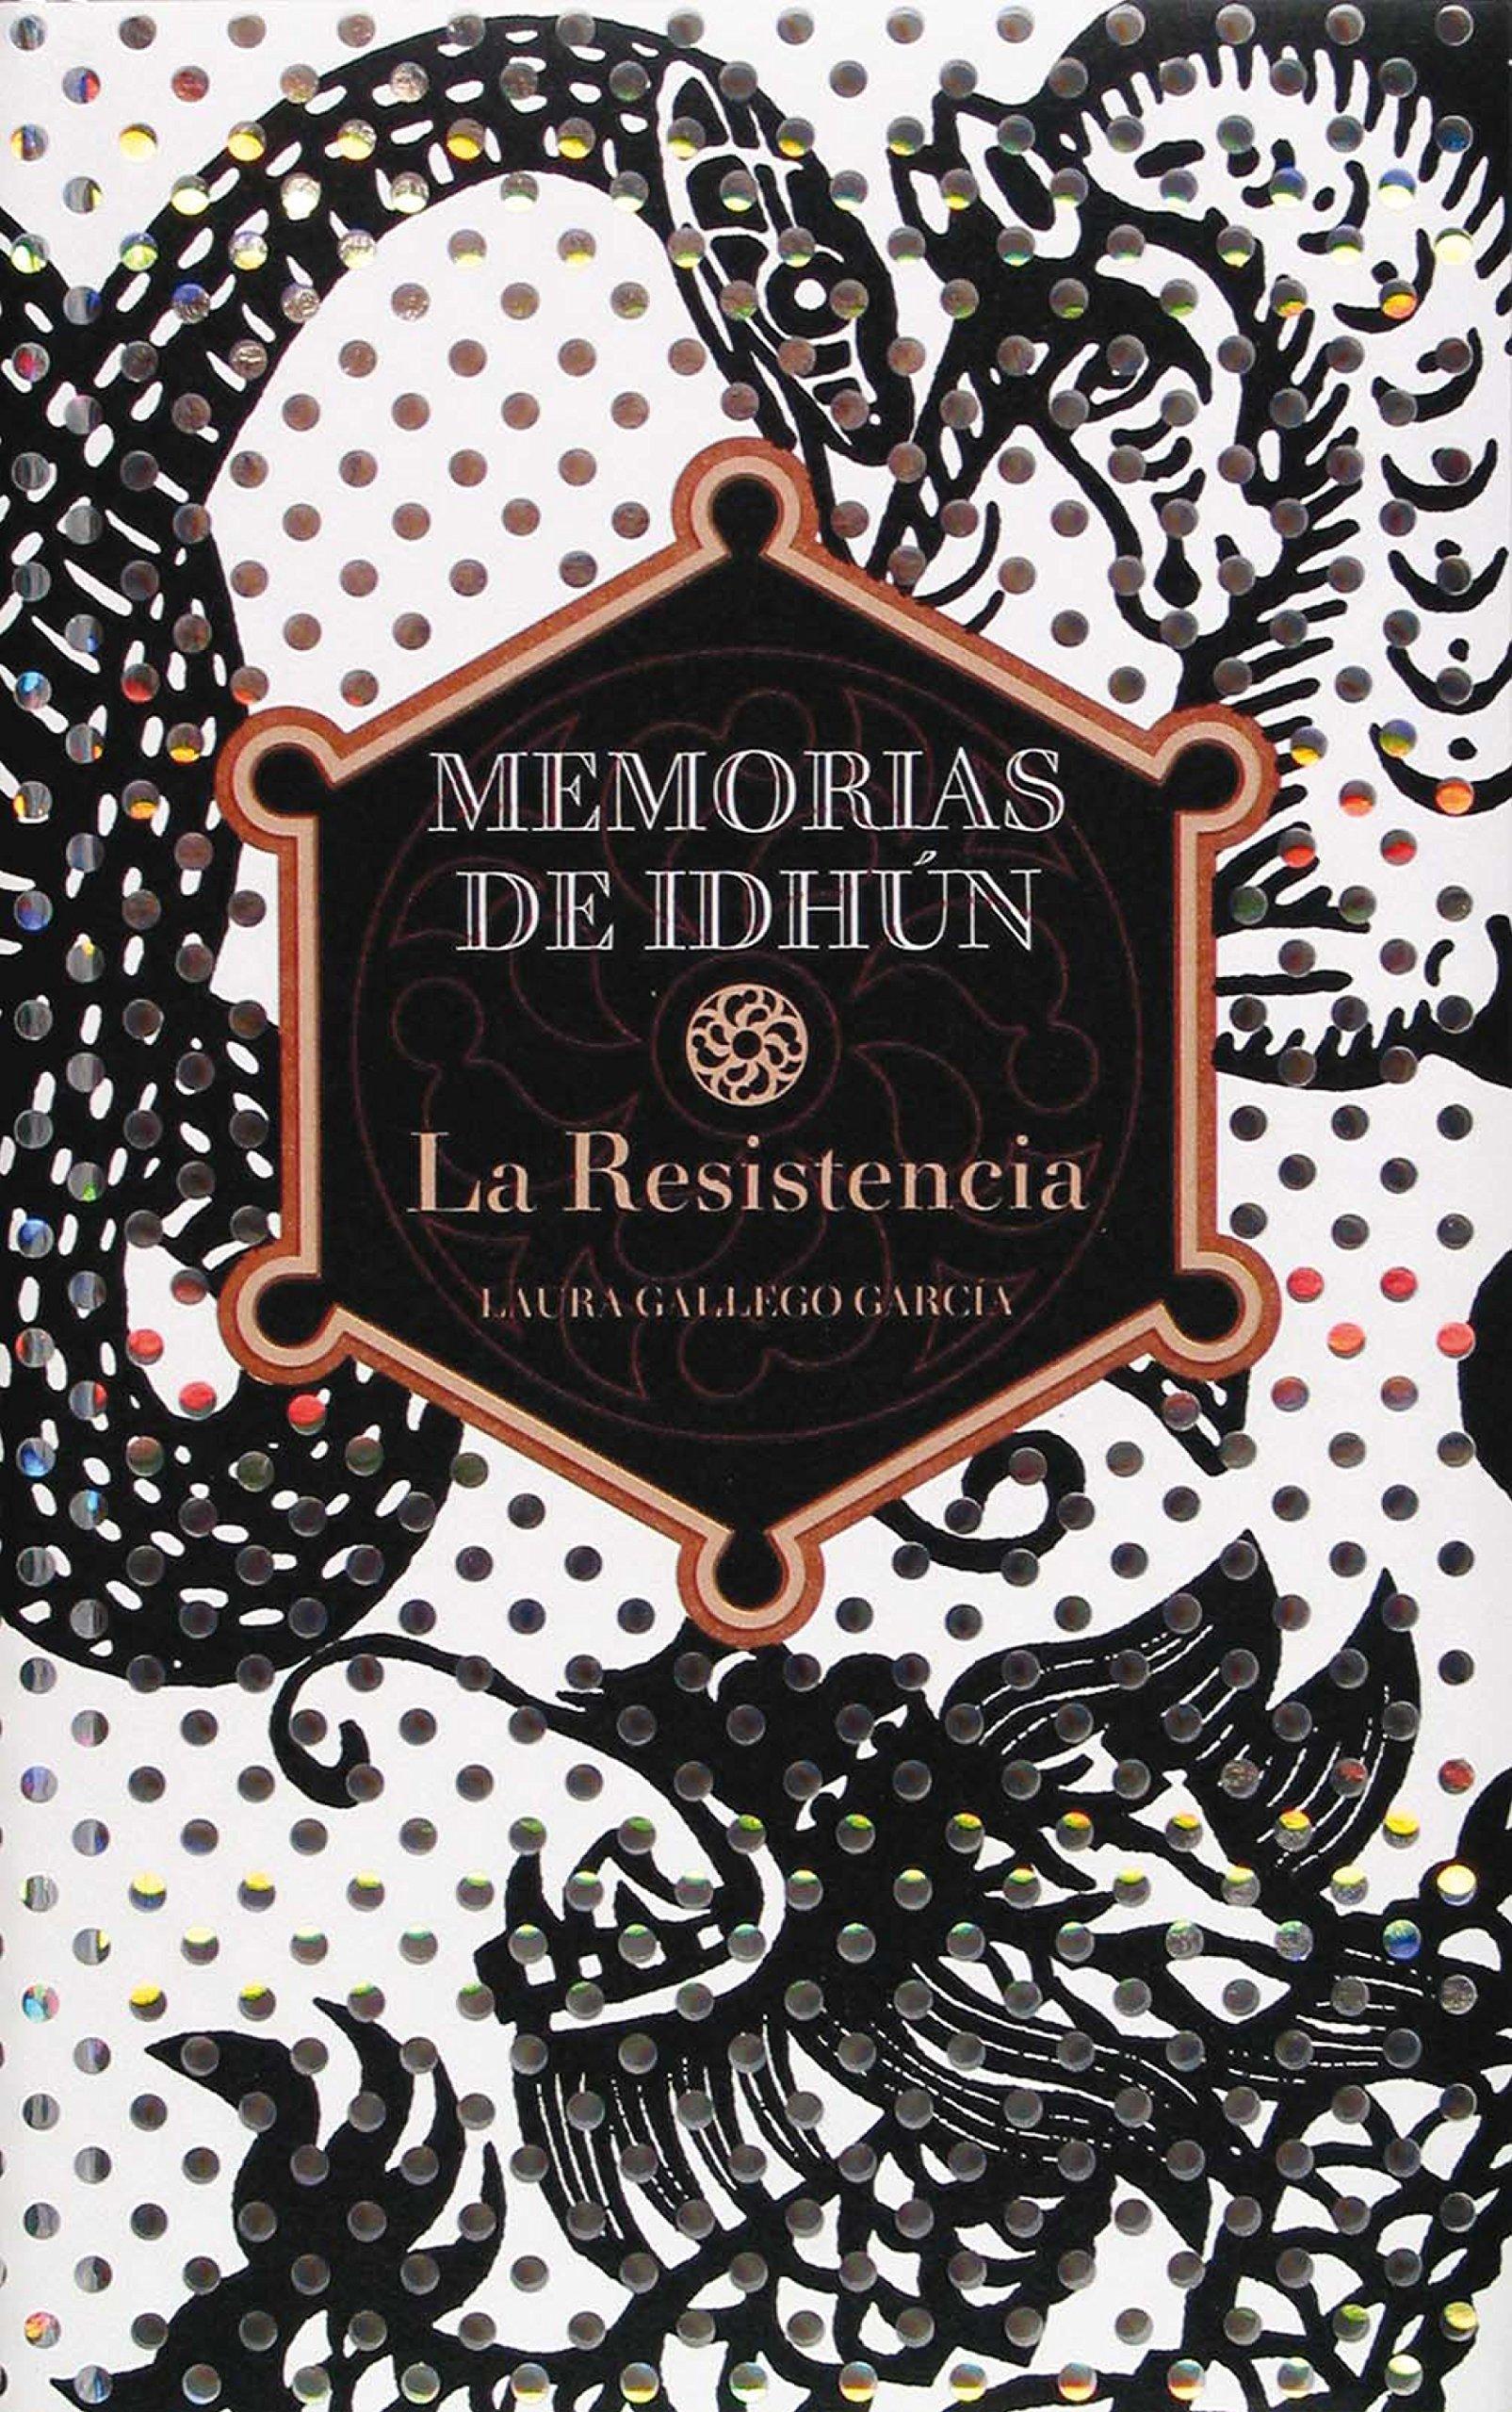 Memorias de Idhun, la resistencia: Memorias de Idhun 1/La resistencia ( Memorias de Idhún) : Gallego García, Laura: Amazon.es: Libros